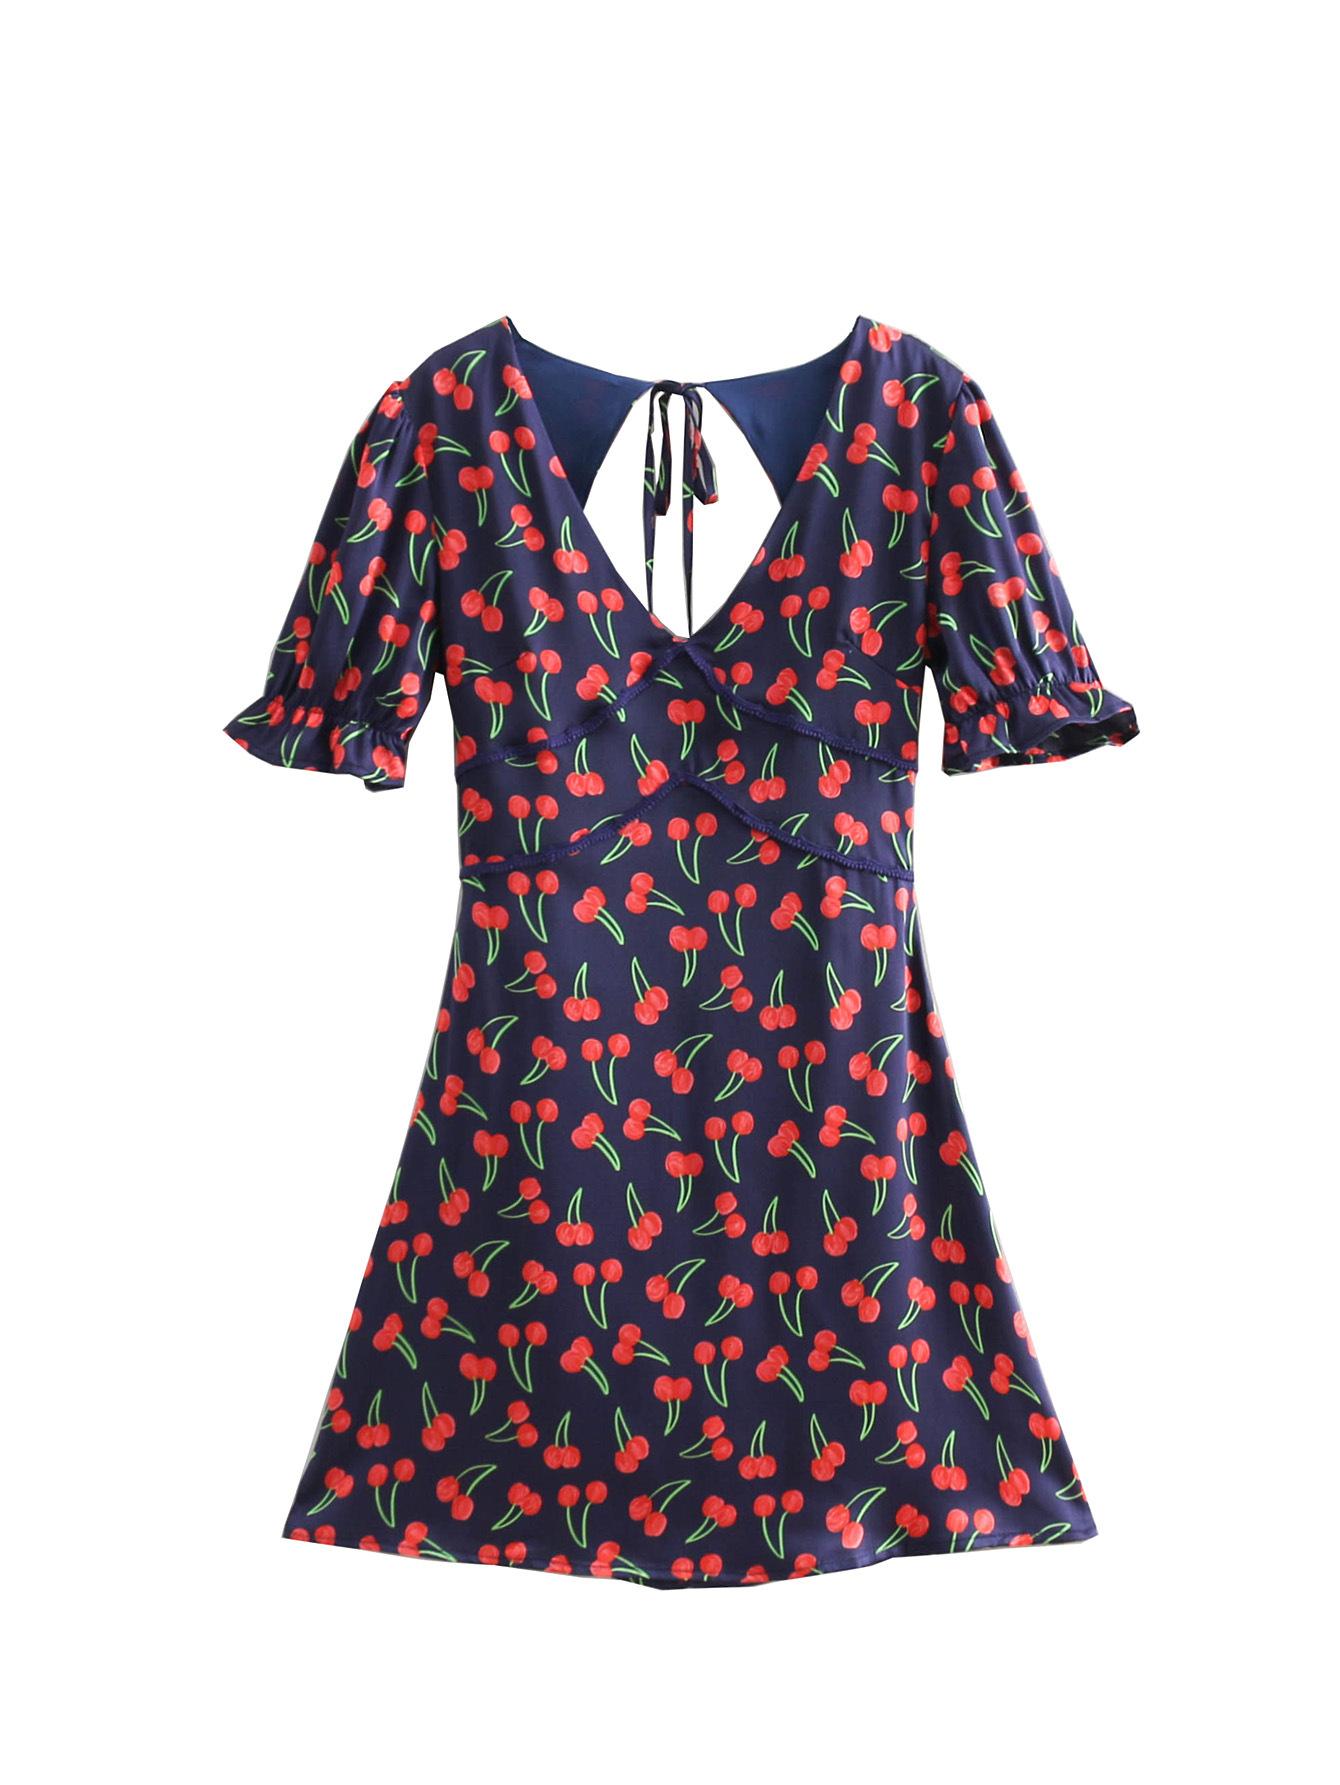 Women's Causal Cherry Printed Dress